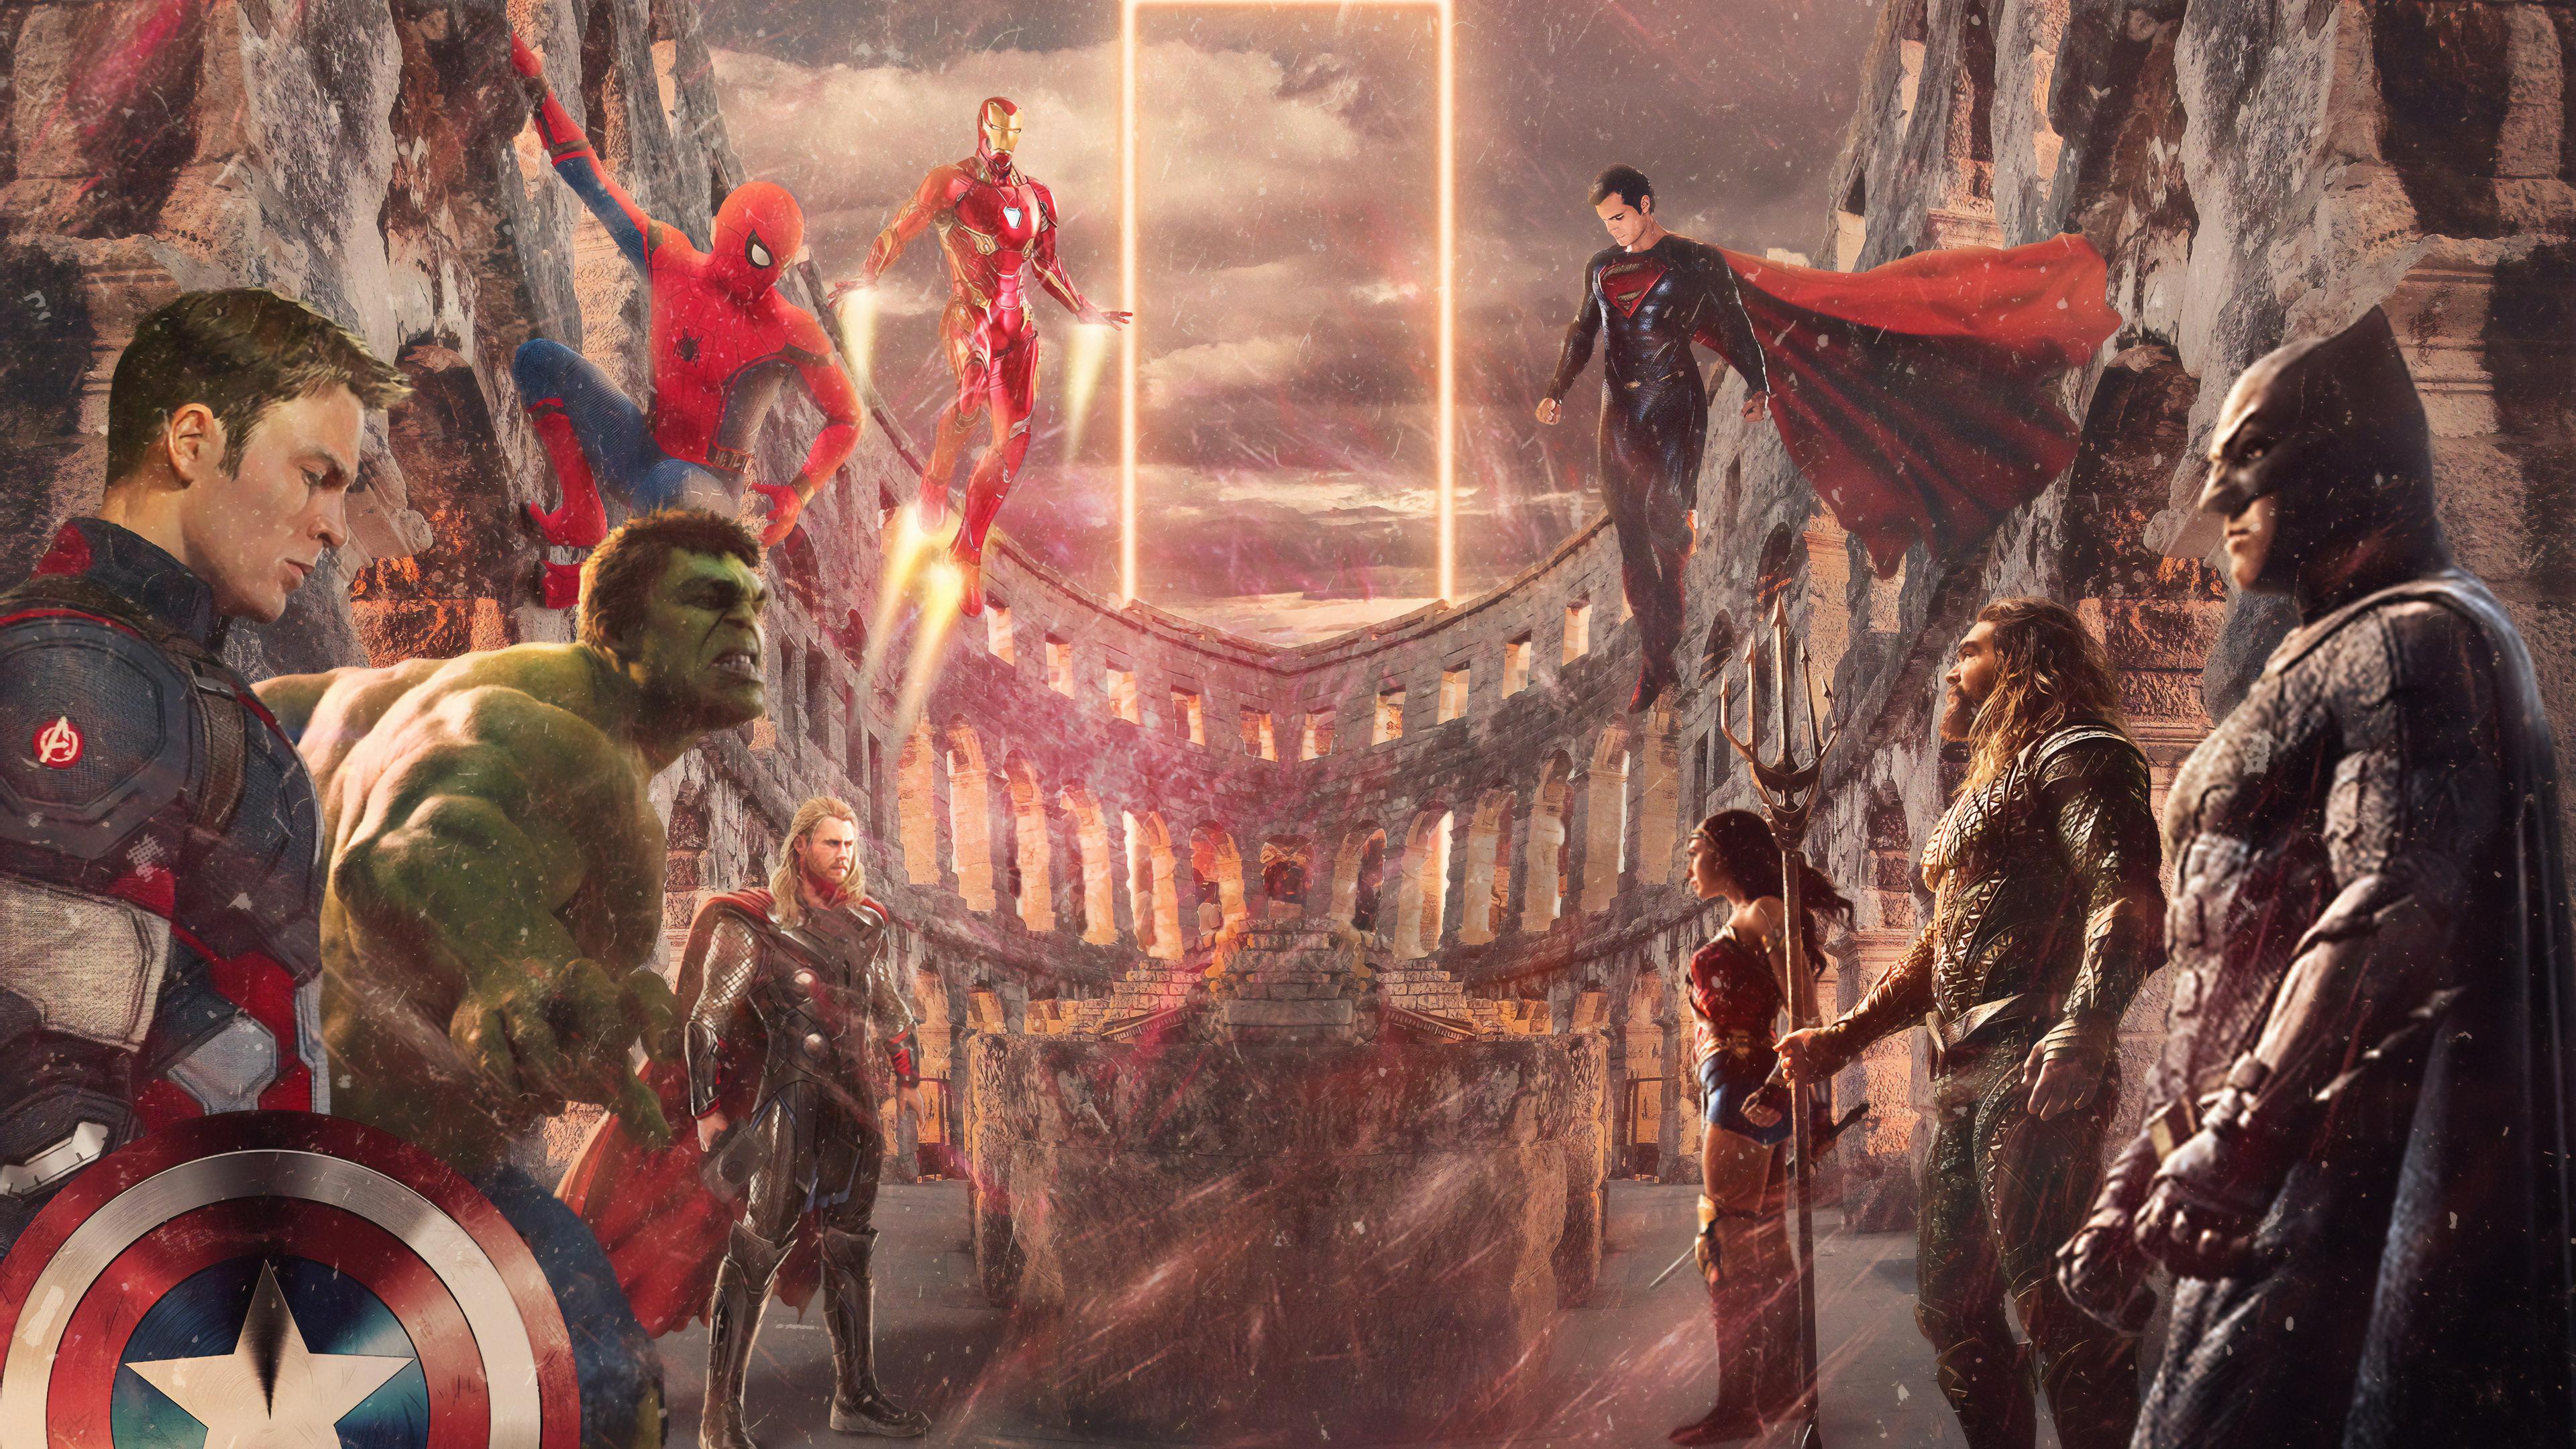 avengers vs justice league 1569186647 - Avengers Vs Justice League - superheroes wallpapers, justice league wallpapers, hd-wallpapers, behance wallpapers, avengers-wallpapers, artwork wallpapers, 4k-wallpapers